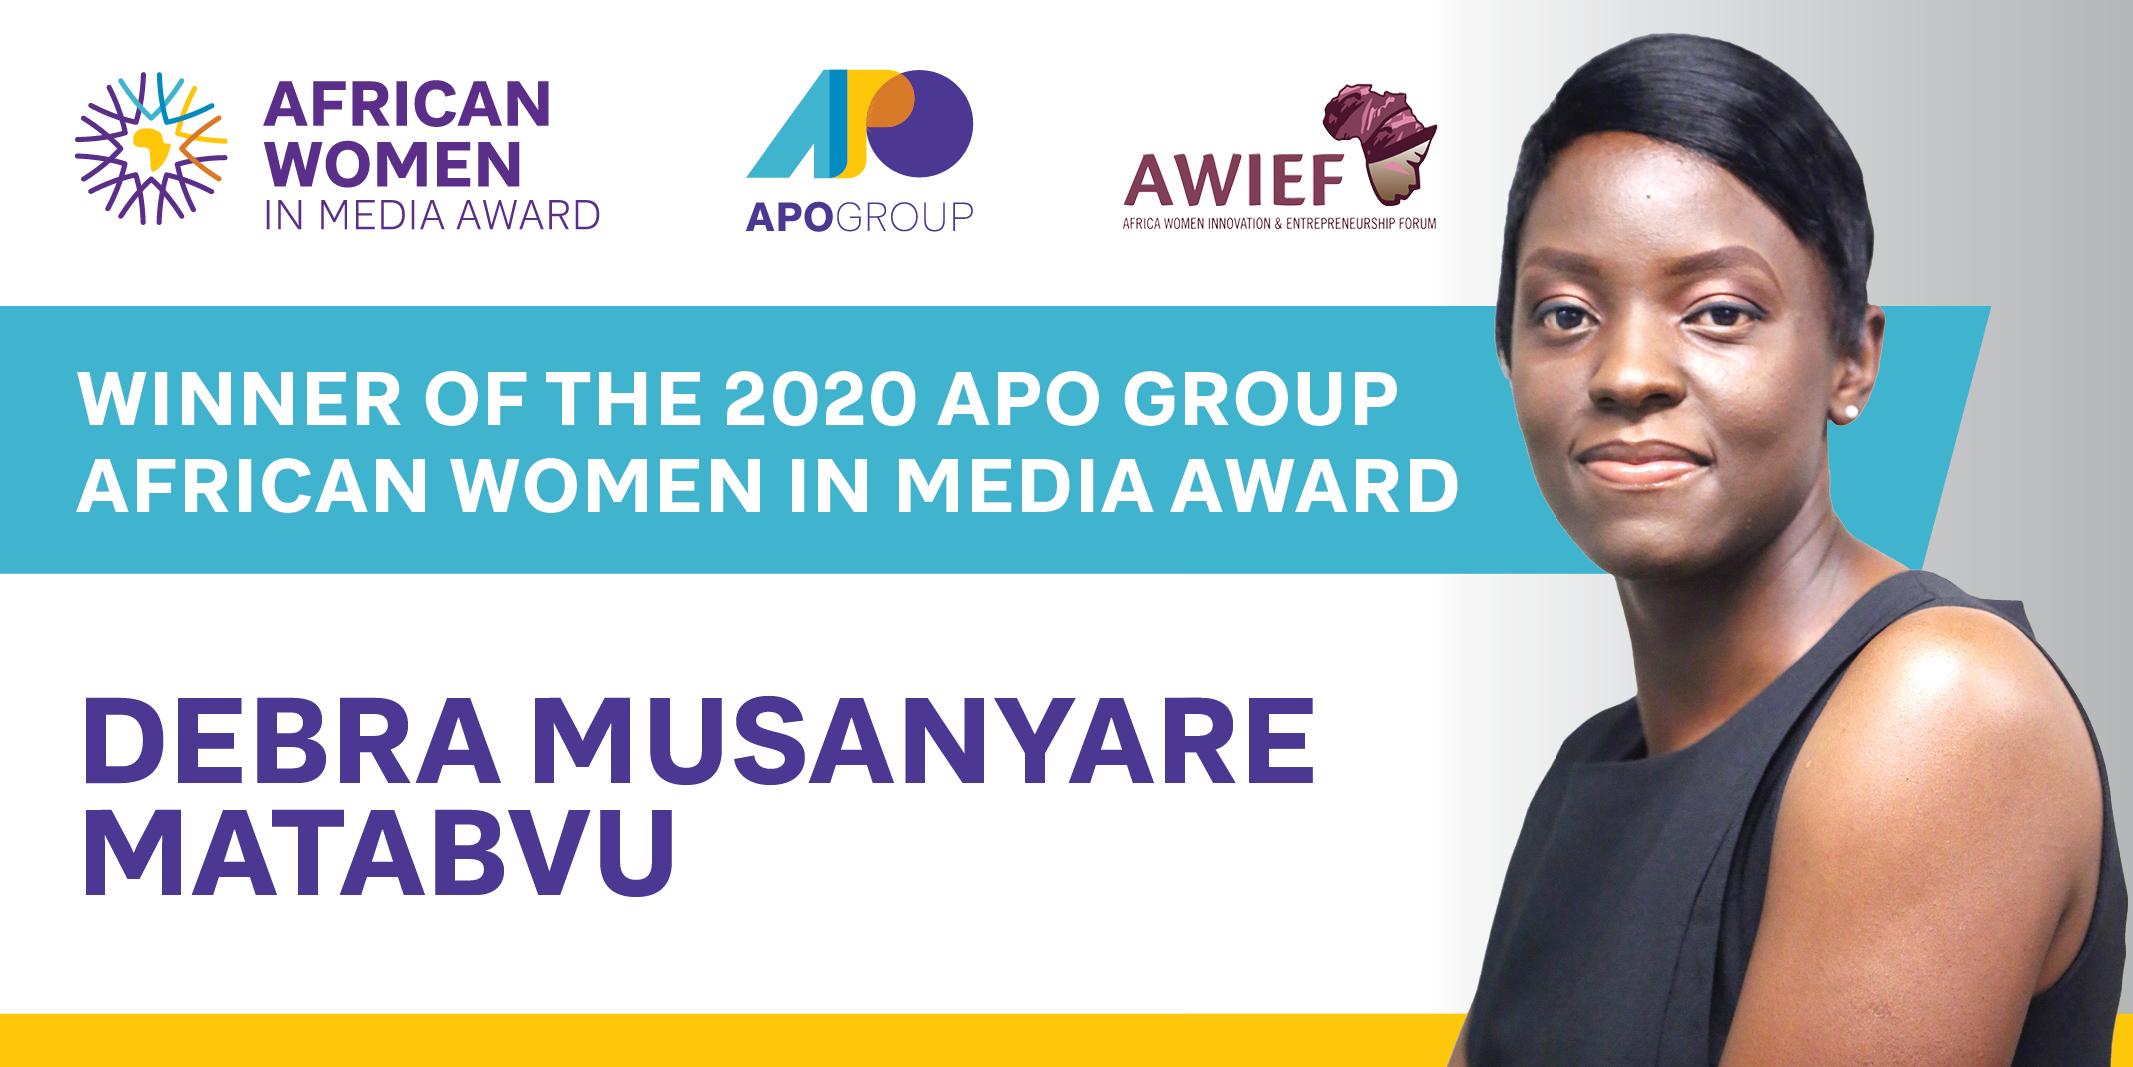 Zimbabwean, Debra Matabvu wins 2020 APO African Women in Media Award